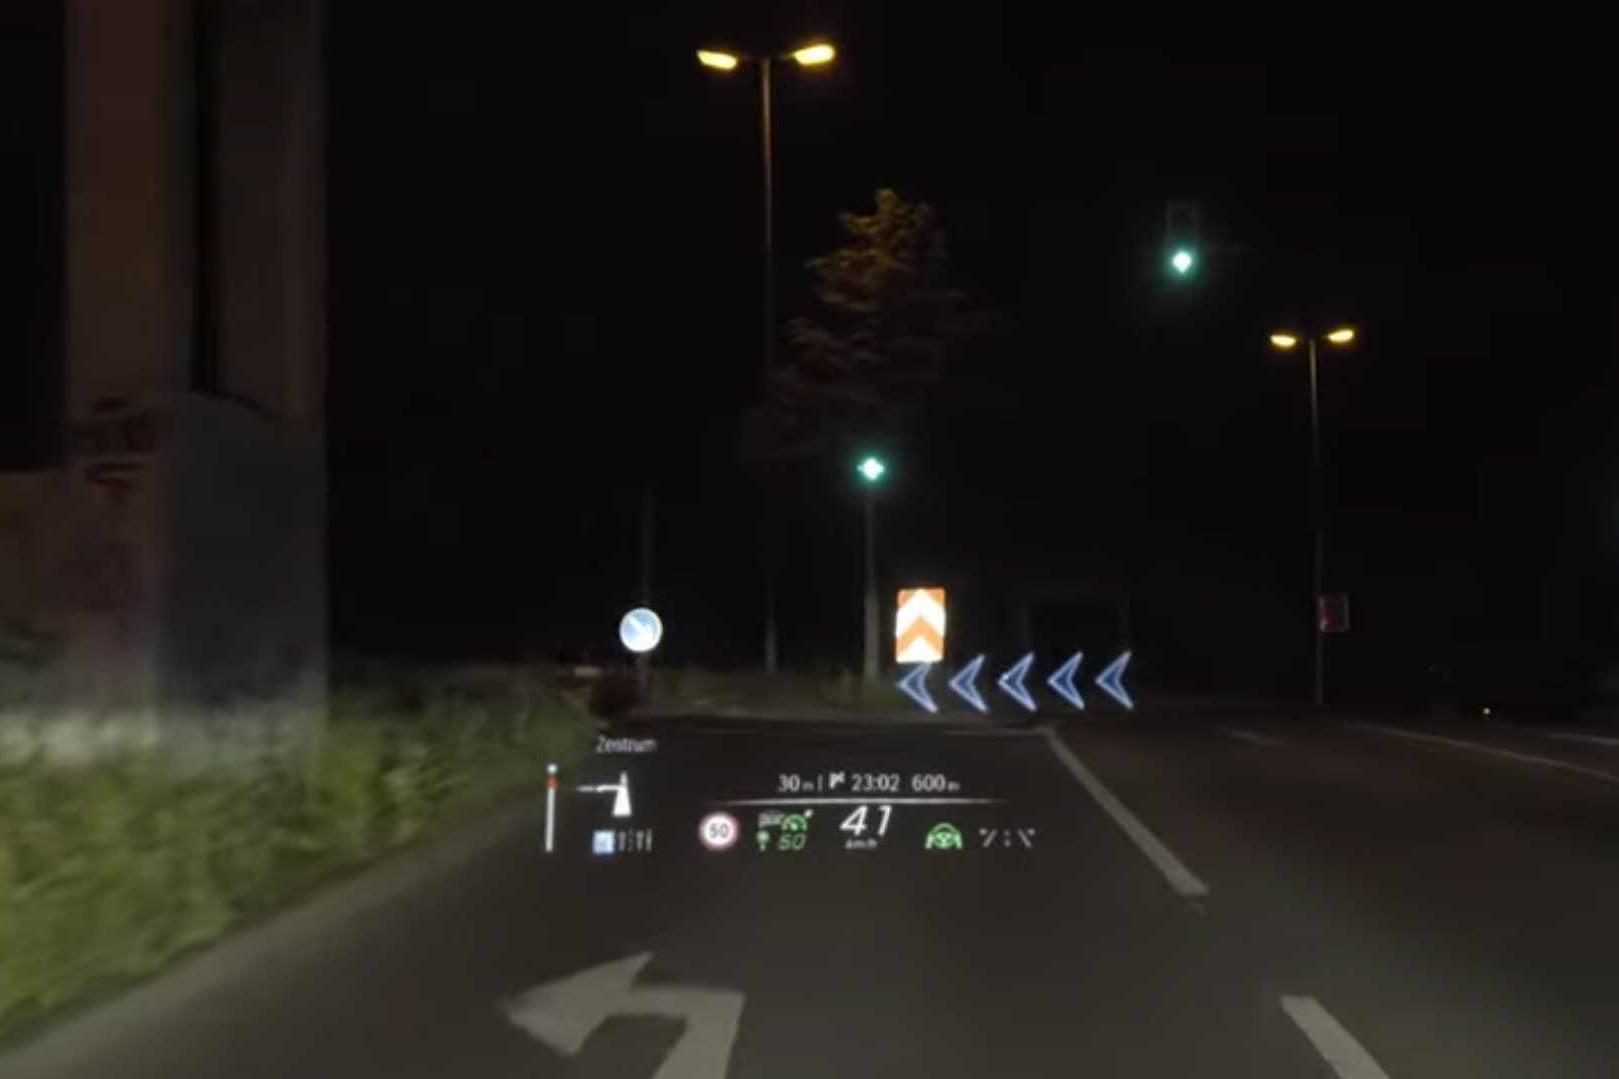 Màn HUD đỉnh cao trên Mercedes-Benz S-Class đời mới: Hiện thông tin như xe viễn tưởng